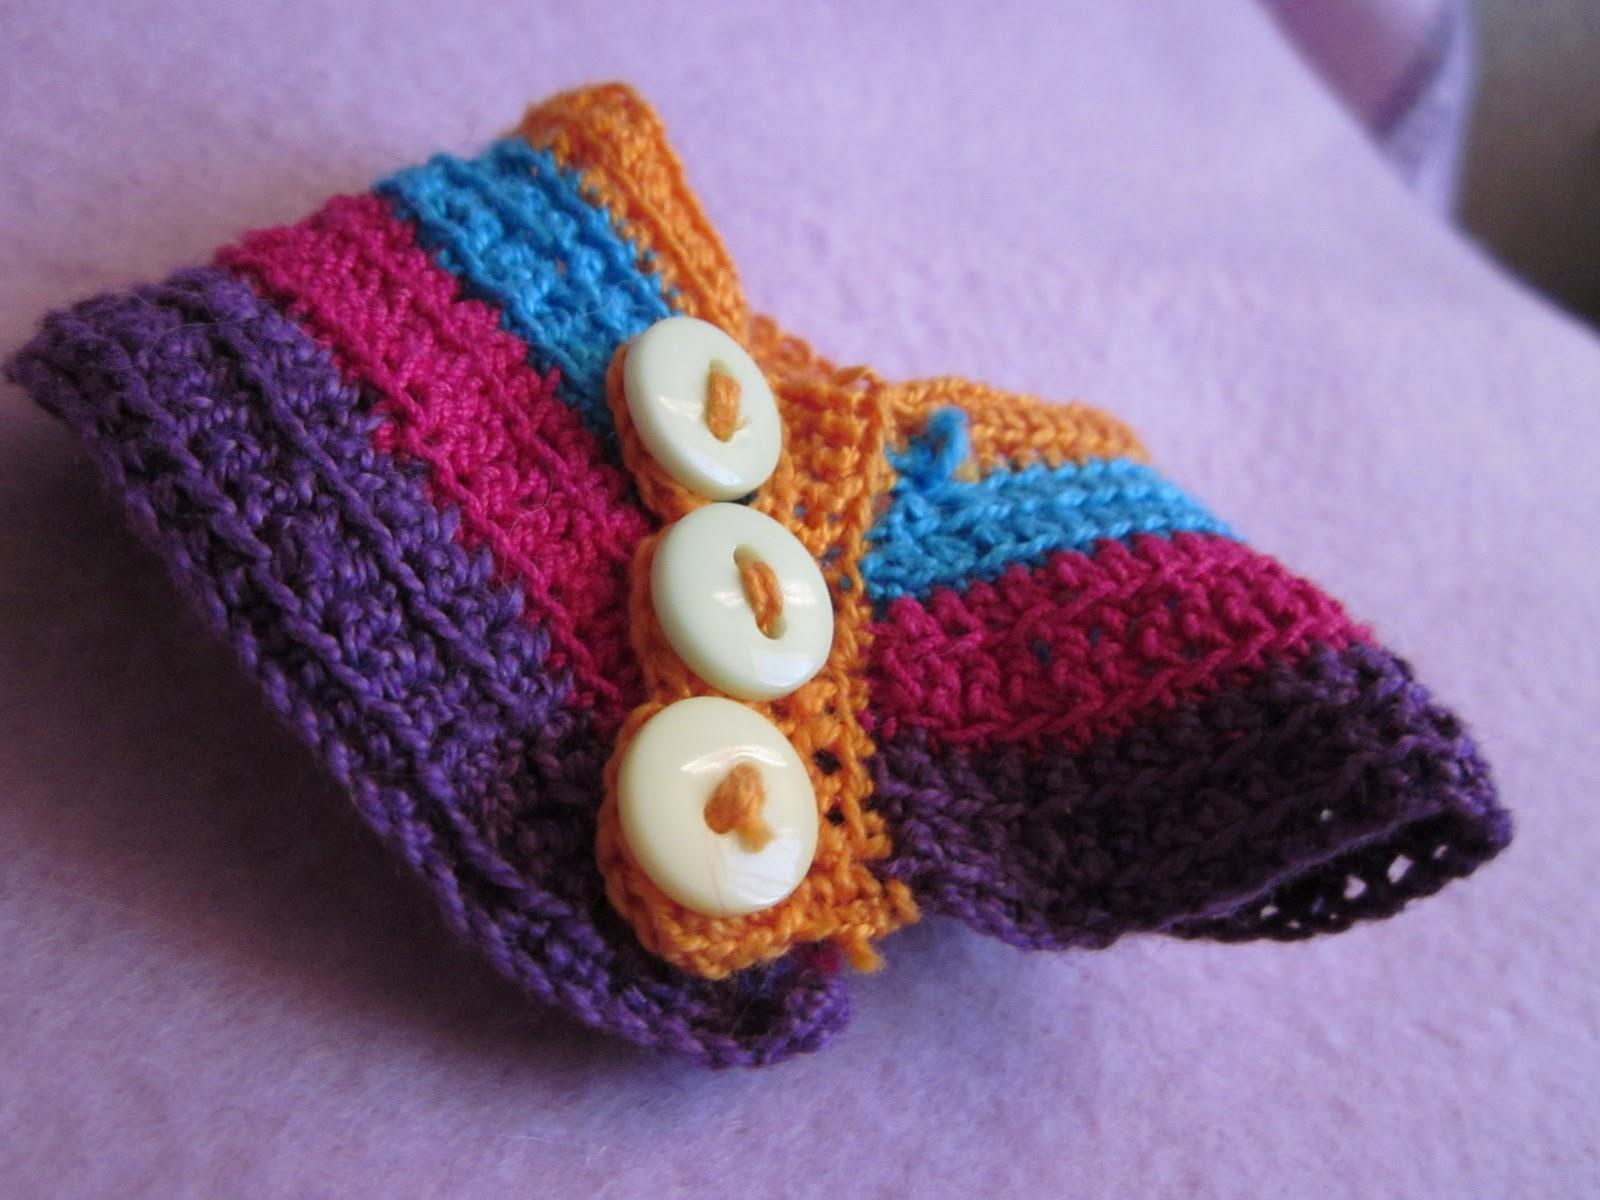 Poco a poco fui adentrándome en el Arte del Tejido con Gancho , Crochet , lo cuál ha sido muy divertido!!